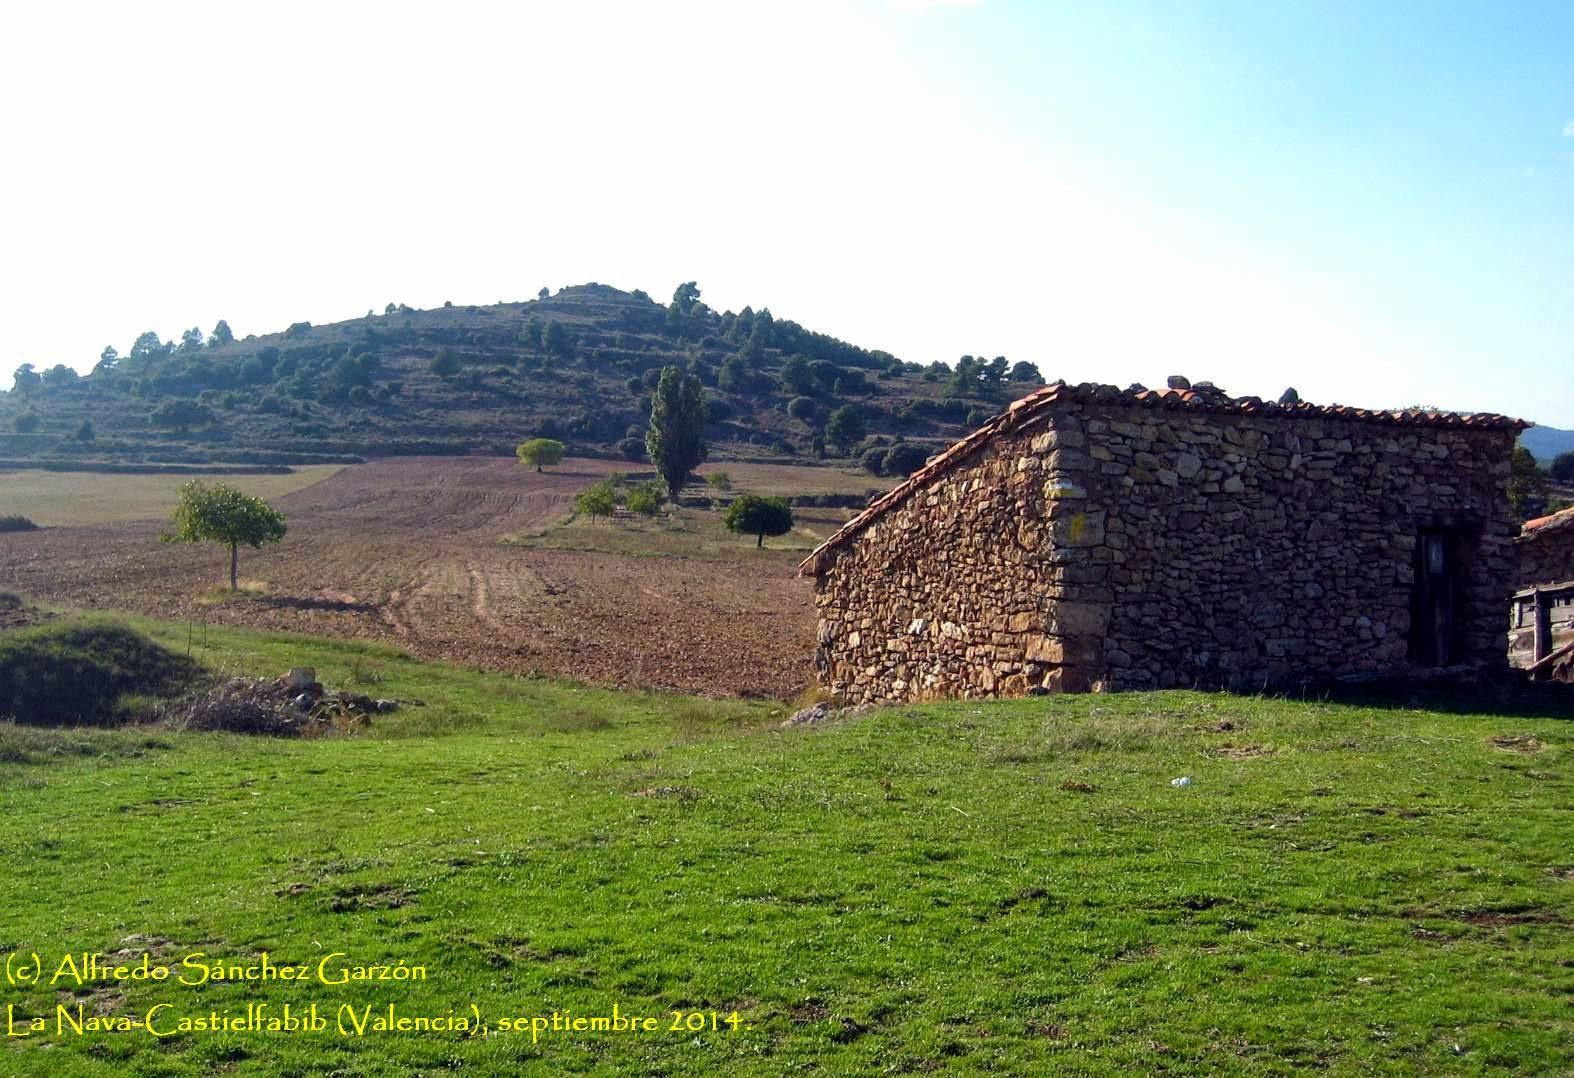 cerro-morrita-nava-castielfabib-valencia